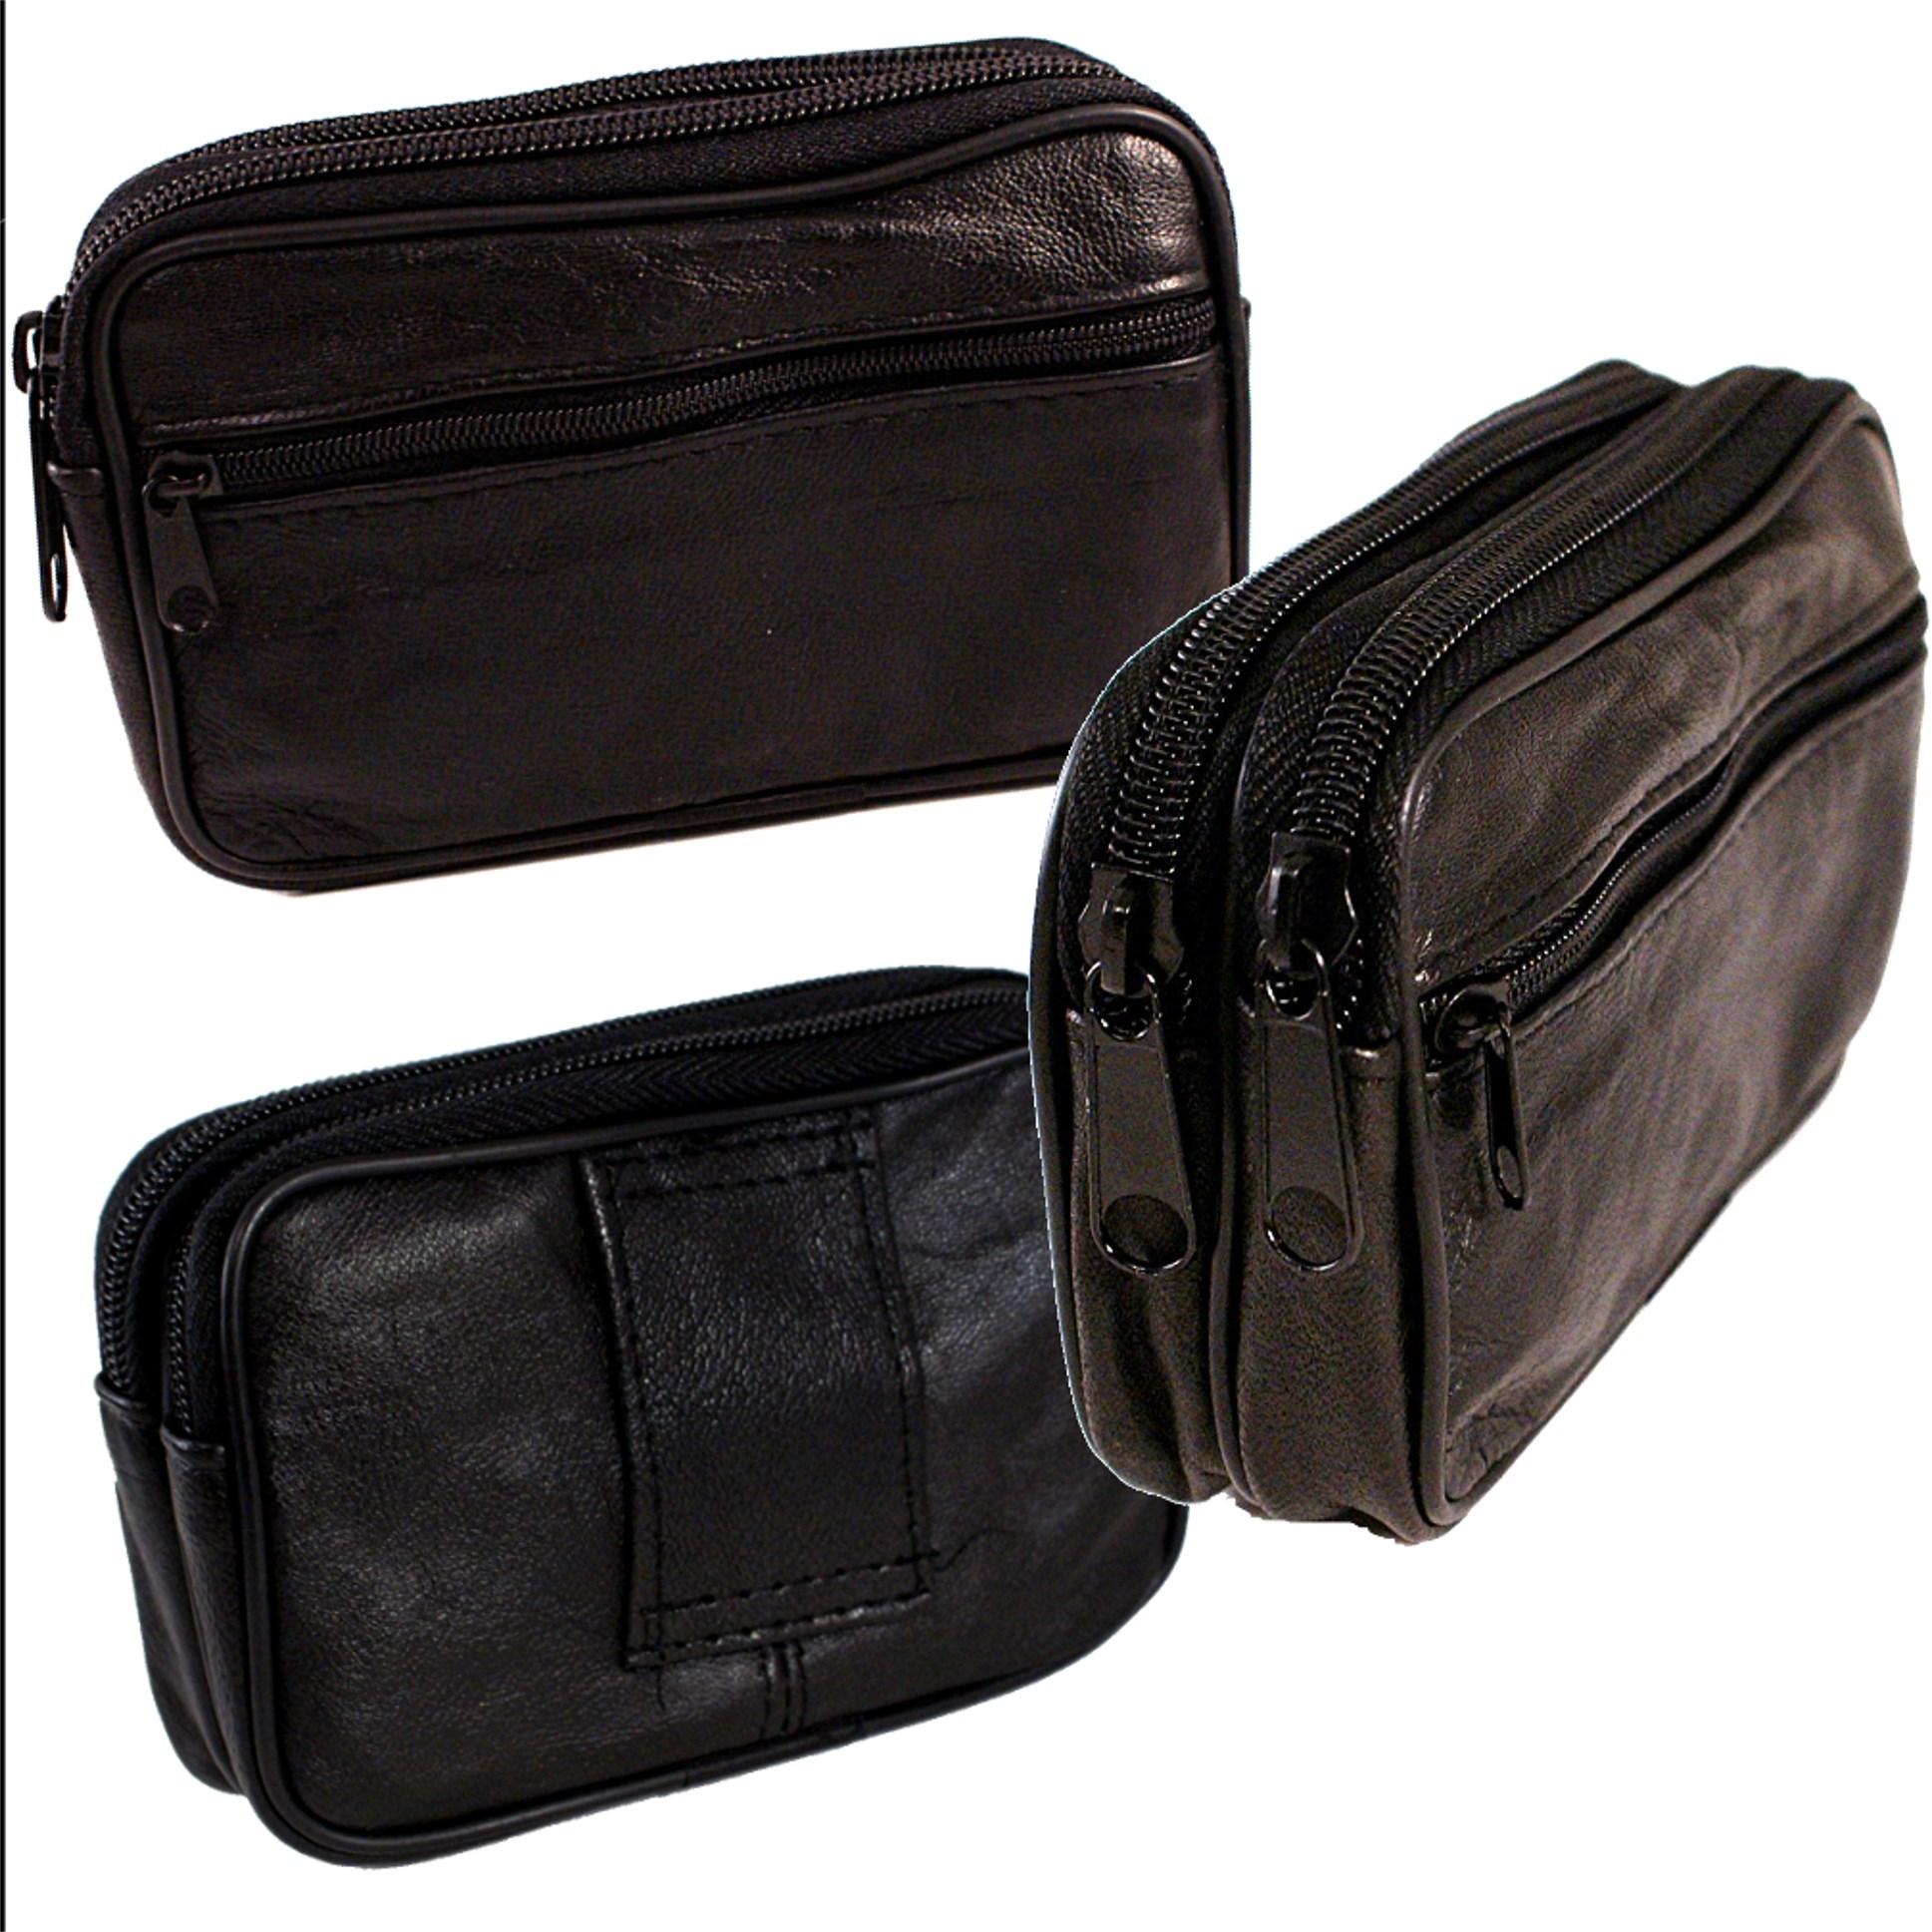 neu g rtel tasche echt leder h fttasche reise bauch handy tasche herren bag ebay. Black Bedroom Furniture Sets. Home Design Ideas